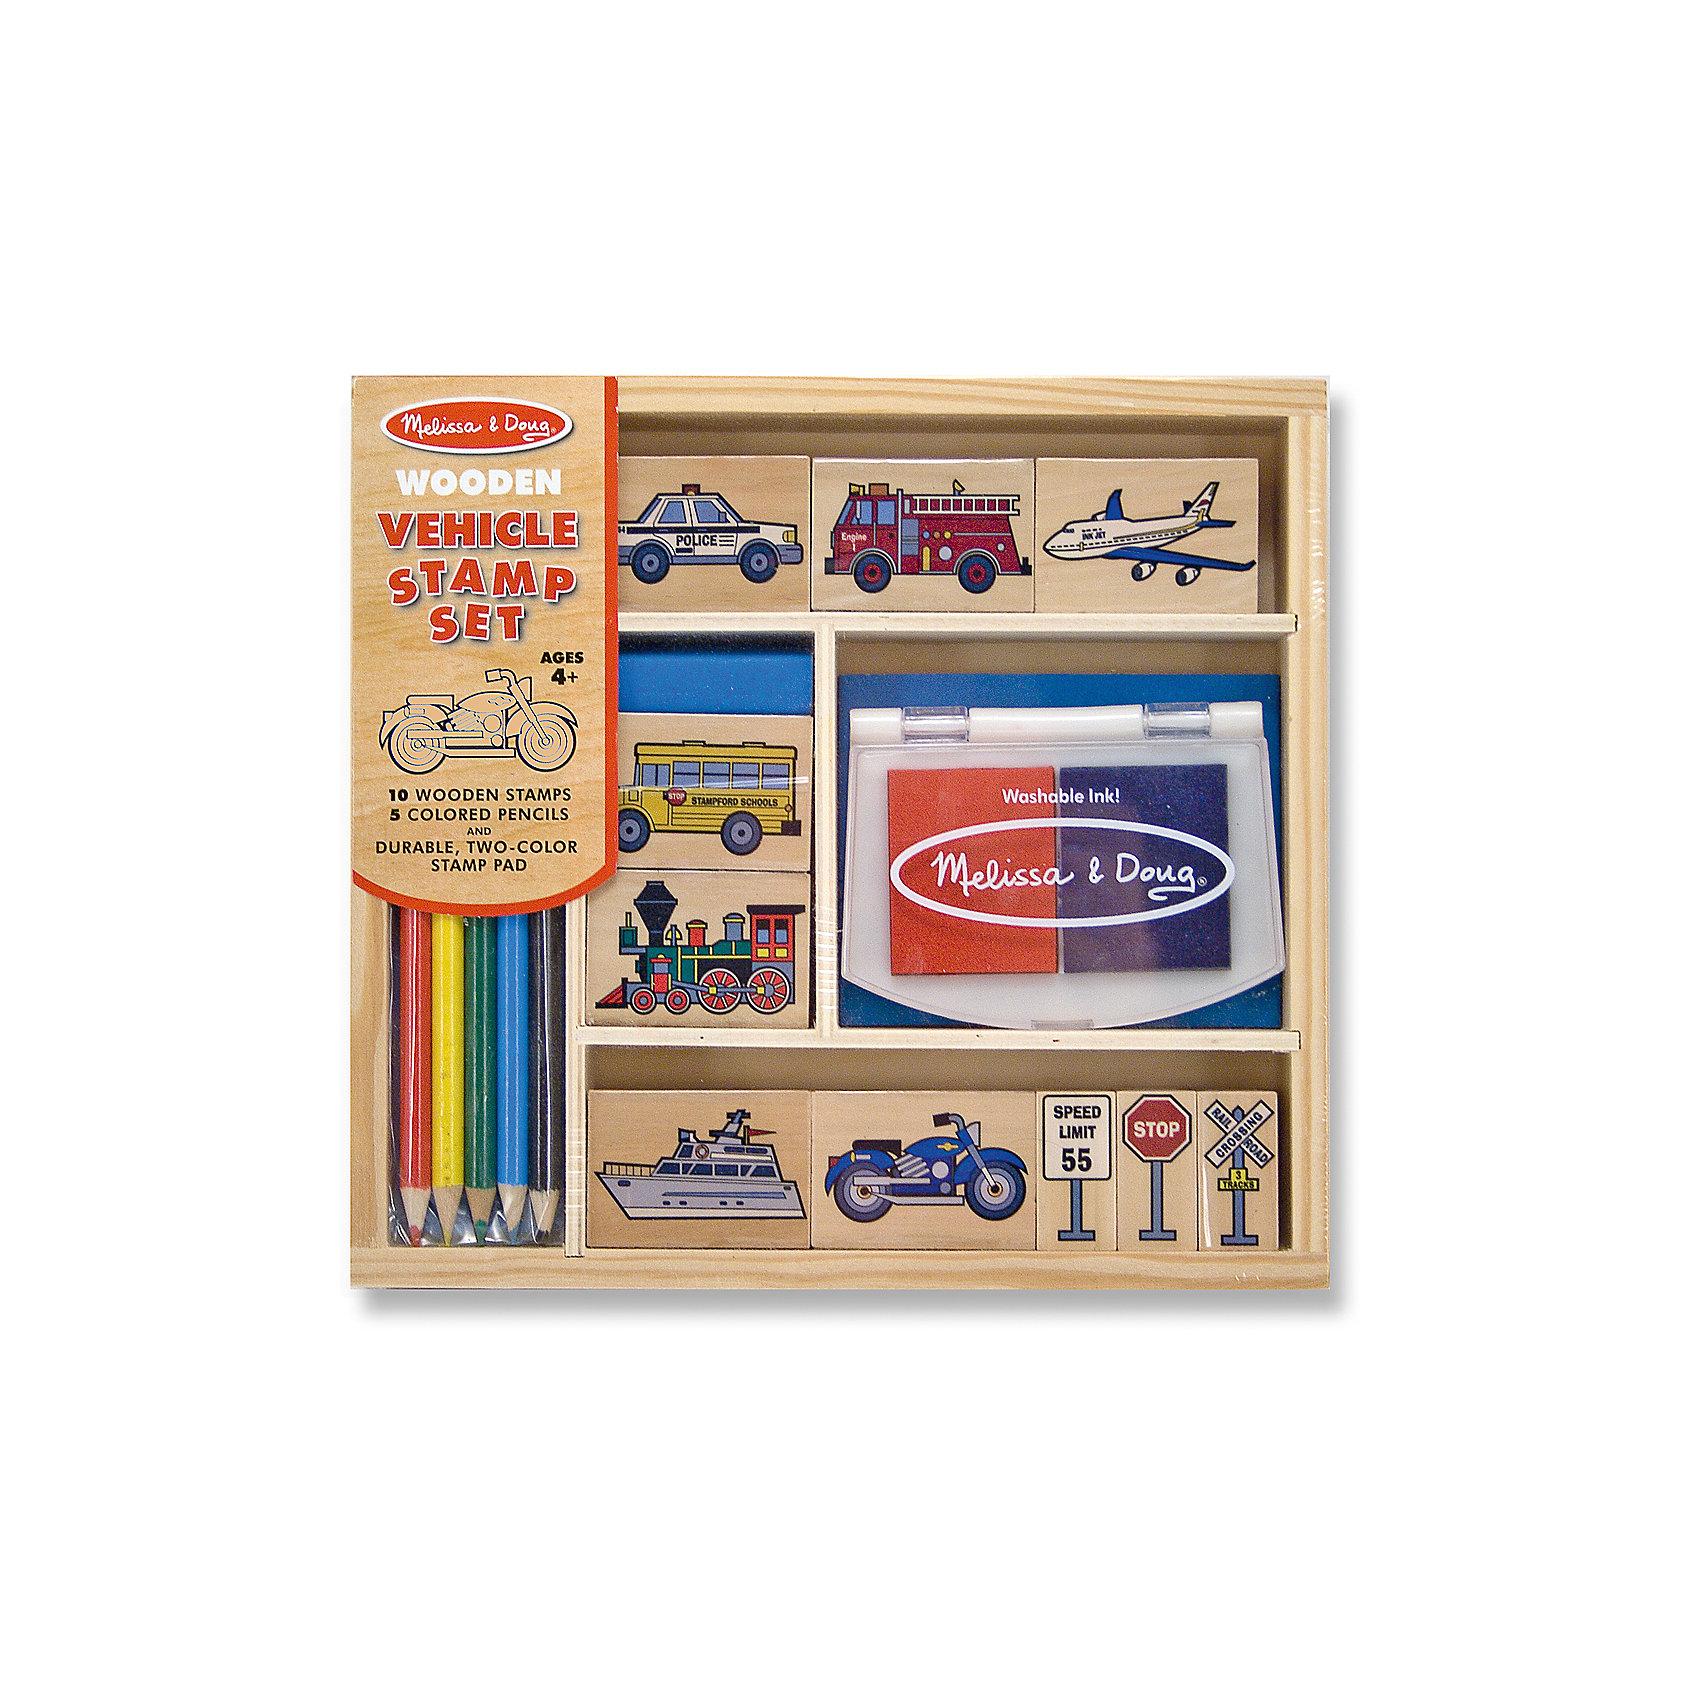 Набор штампов ТранспортНабор штампов Транспорт включает нетоксичную двухцветную штемпельную подушечку, 10 печатей с изображениями машинок и дорожных знаков, набор разноцветных карандашей. Изображениями можно украсить тетрадь или сделать оригинальные картинки из контуров, которые раскрашиваются цветными карандашами. Набор деревянных штампов станет прекрасным подарком для любого мальчика или девочки!<br><br>Характеристики:<br>-Краски не токсичны, легко смываются<br>-Изображение получается красочным с четким контуром<br>-Развитие навыков: мышление, воображение, внимание, мелкая моторика, художественные навыки, цветовосприятие, трудолюбие<br>-Печати закреплены на длинных ручках, чтобы ребенок не пачкался в краске<br>-Набор упакован в деревянный лоток с перегородками<br><br>Комплектация: 10 штампов (3 дорожных знака, мотоцикл, катер, паровоз, школьный автобус, полицейская и пожарная машины, самолет), 2 губки для штампов, 5 карандашей<br><br>Дополнительная информация:<br>-Размер упаковки: 22x21x4 см<br>-Материалы: дерево, чернила<br>-Вес в упаковке: 634 г<br><br>Создавая с помощью набора штампов «Транспорт» оригинальные картины с участием транспортных средств ребенок знакомится с правилами дорожного движения, может проиграть реальную ситуацию, встречающуюся на улицах города.<br><br>Набор штампов Транспорт можно купить в нашем магазине.<br><br>Ширина мм: 220<br>Глубина мм: 40<br>Высота мм: 210<br>Вес г: 634<br>Возраст от месяцев: 48<br>Возраст до месяцев: 144<br>Пол: Унисекс<br>Возраст: Детский<br>SKU: 4216549